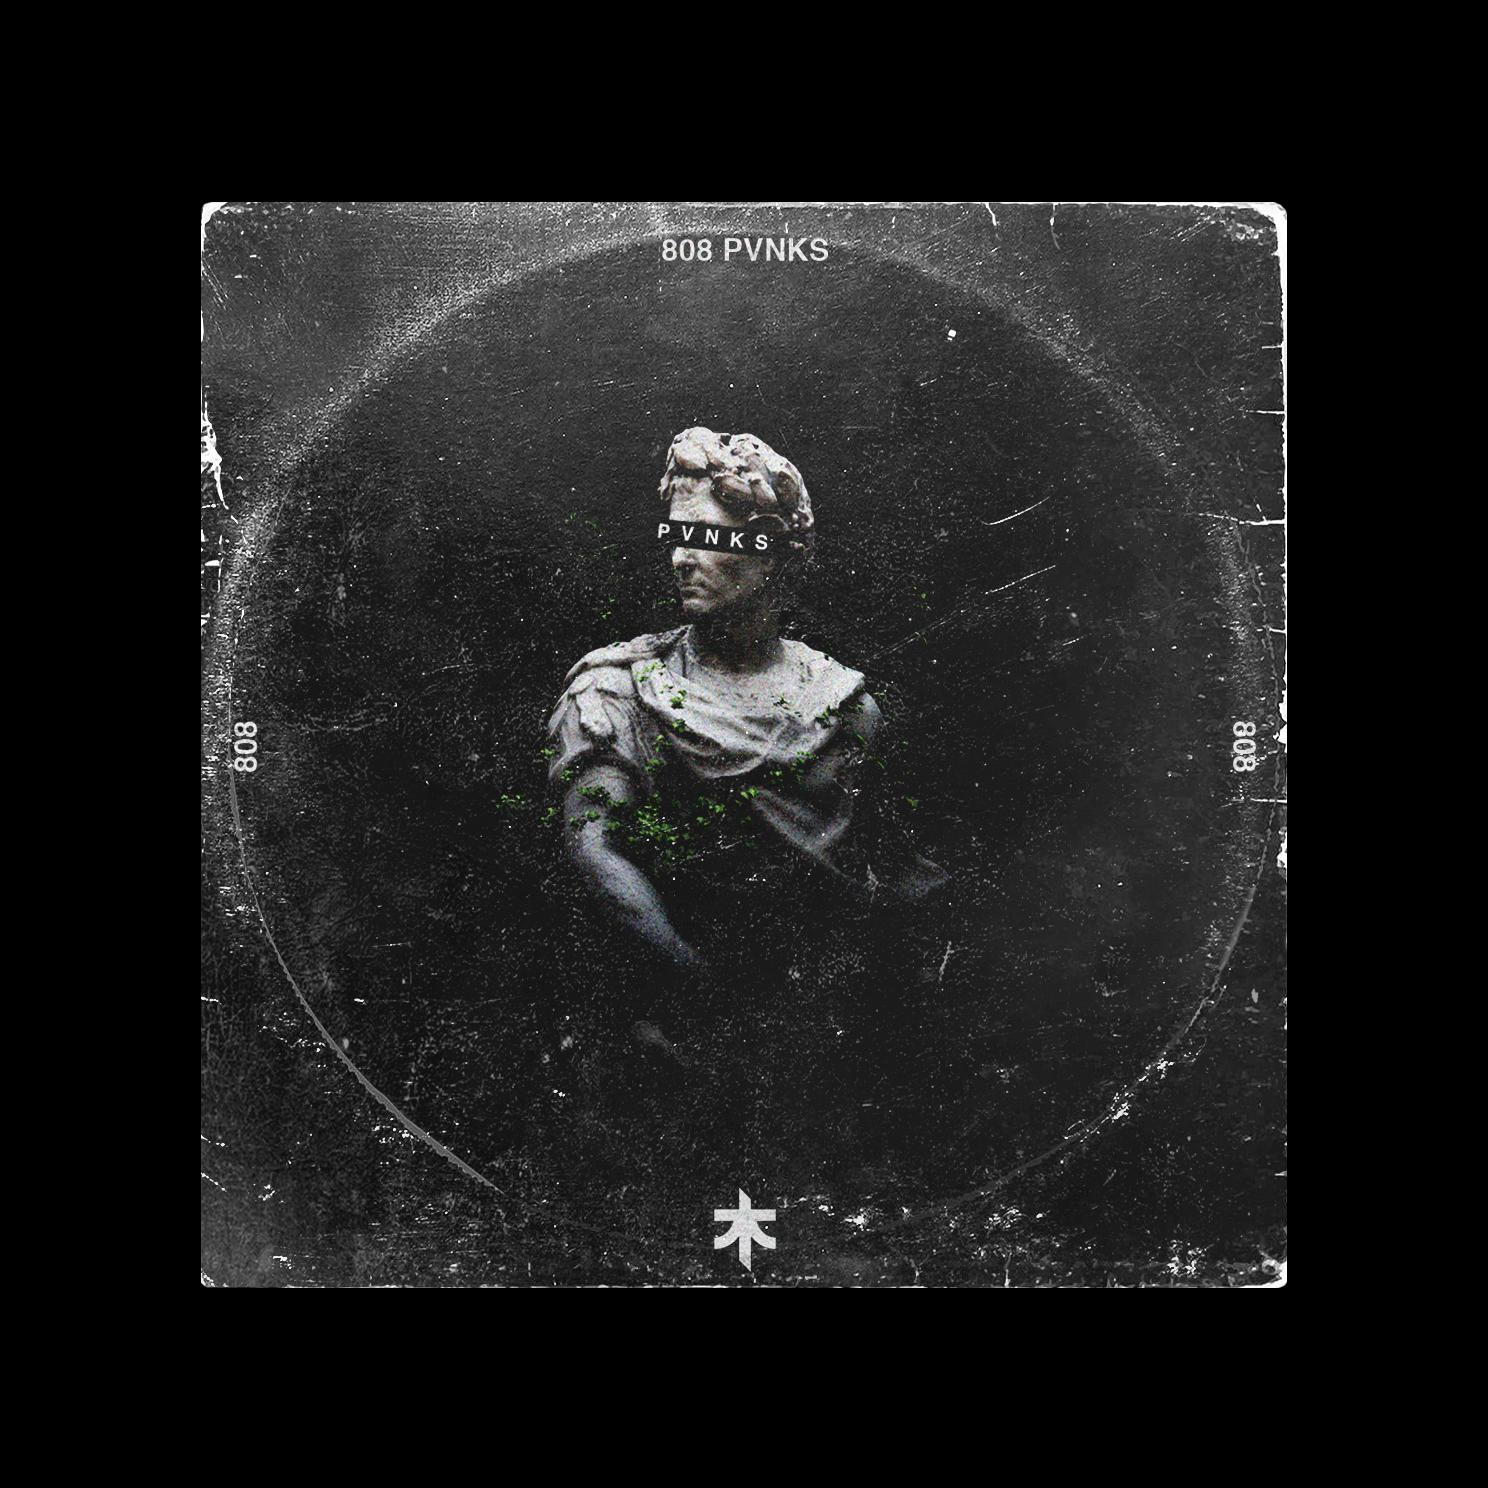 Album art for 808 PVNKS